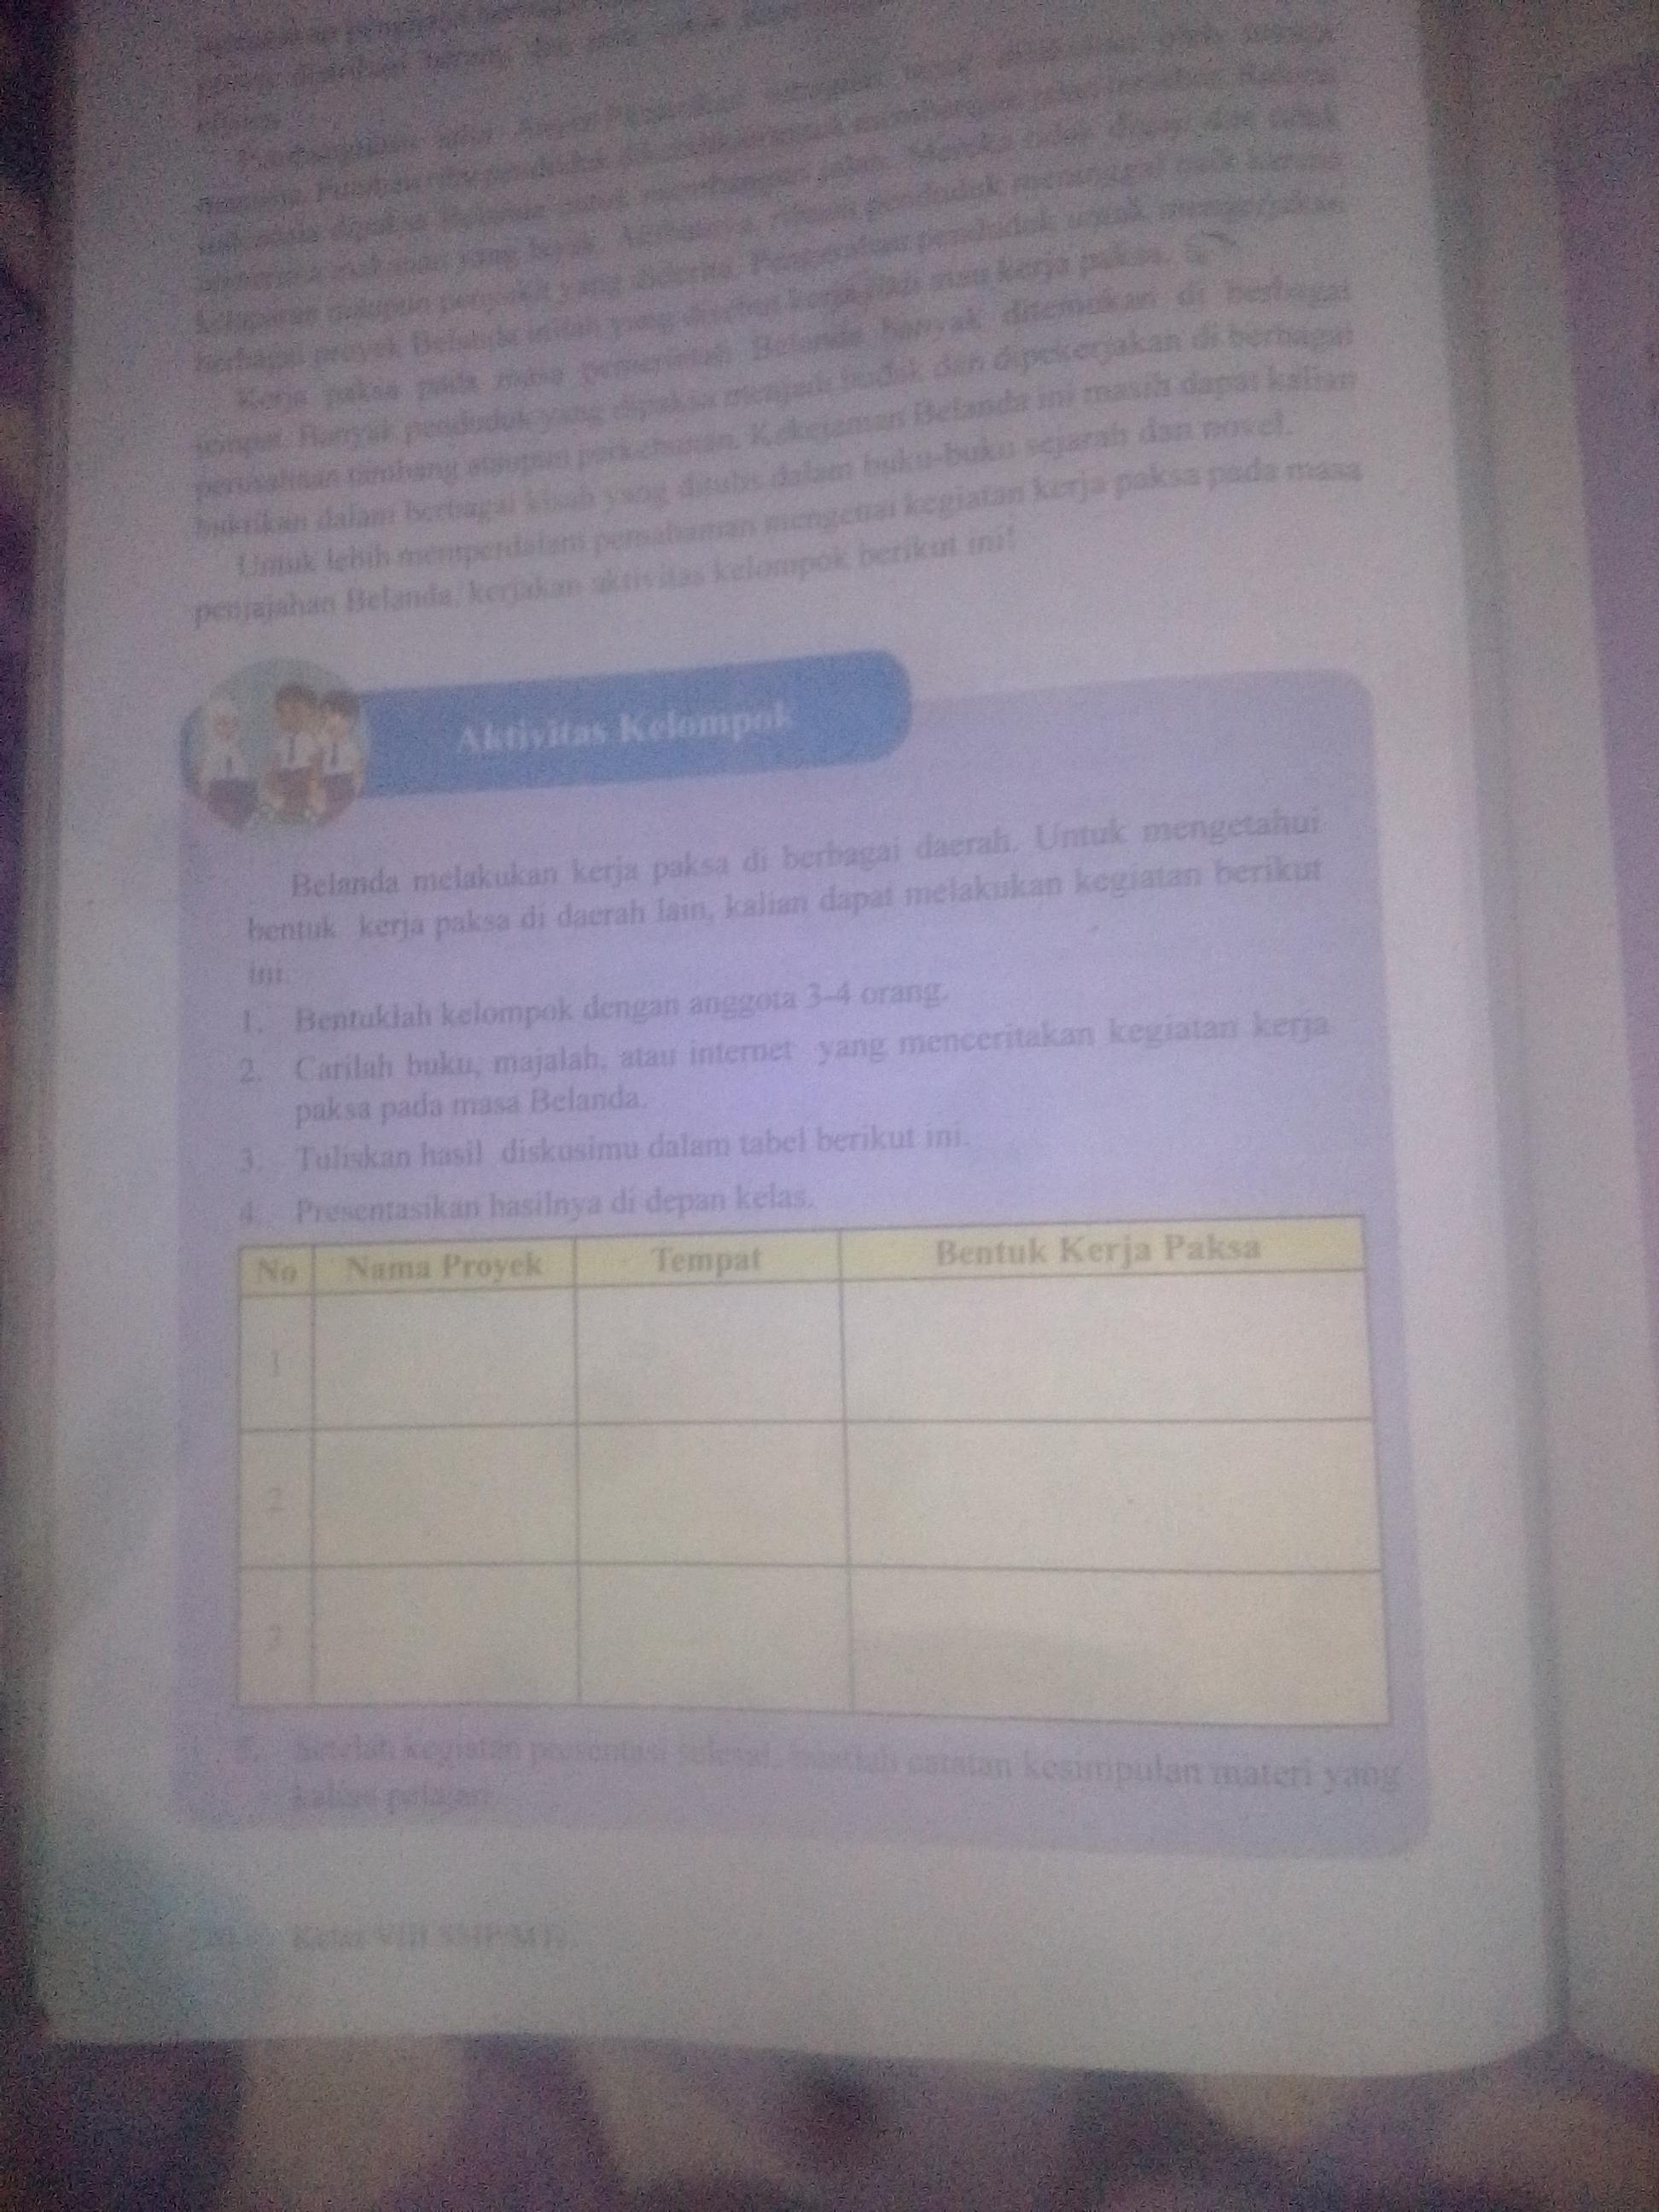 Tolong Jawabanya Tugas Ips Buku Paket Semeter 2 Kurikulum 2013 Halaman 210 Aktifitas Kelompok Mau Brainly Co Id